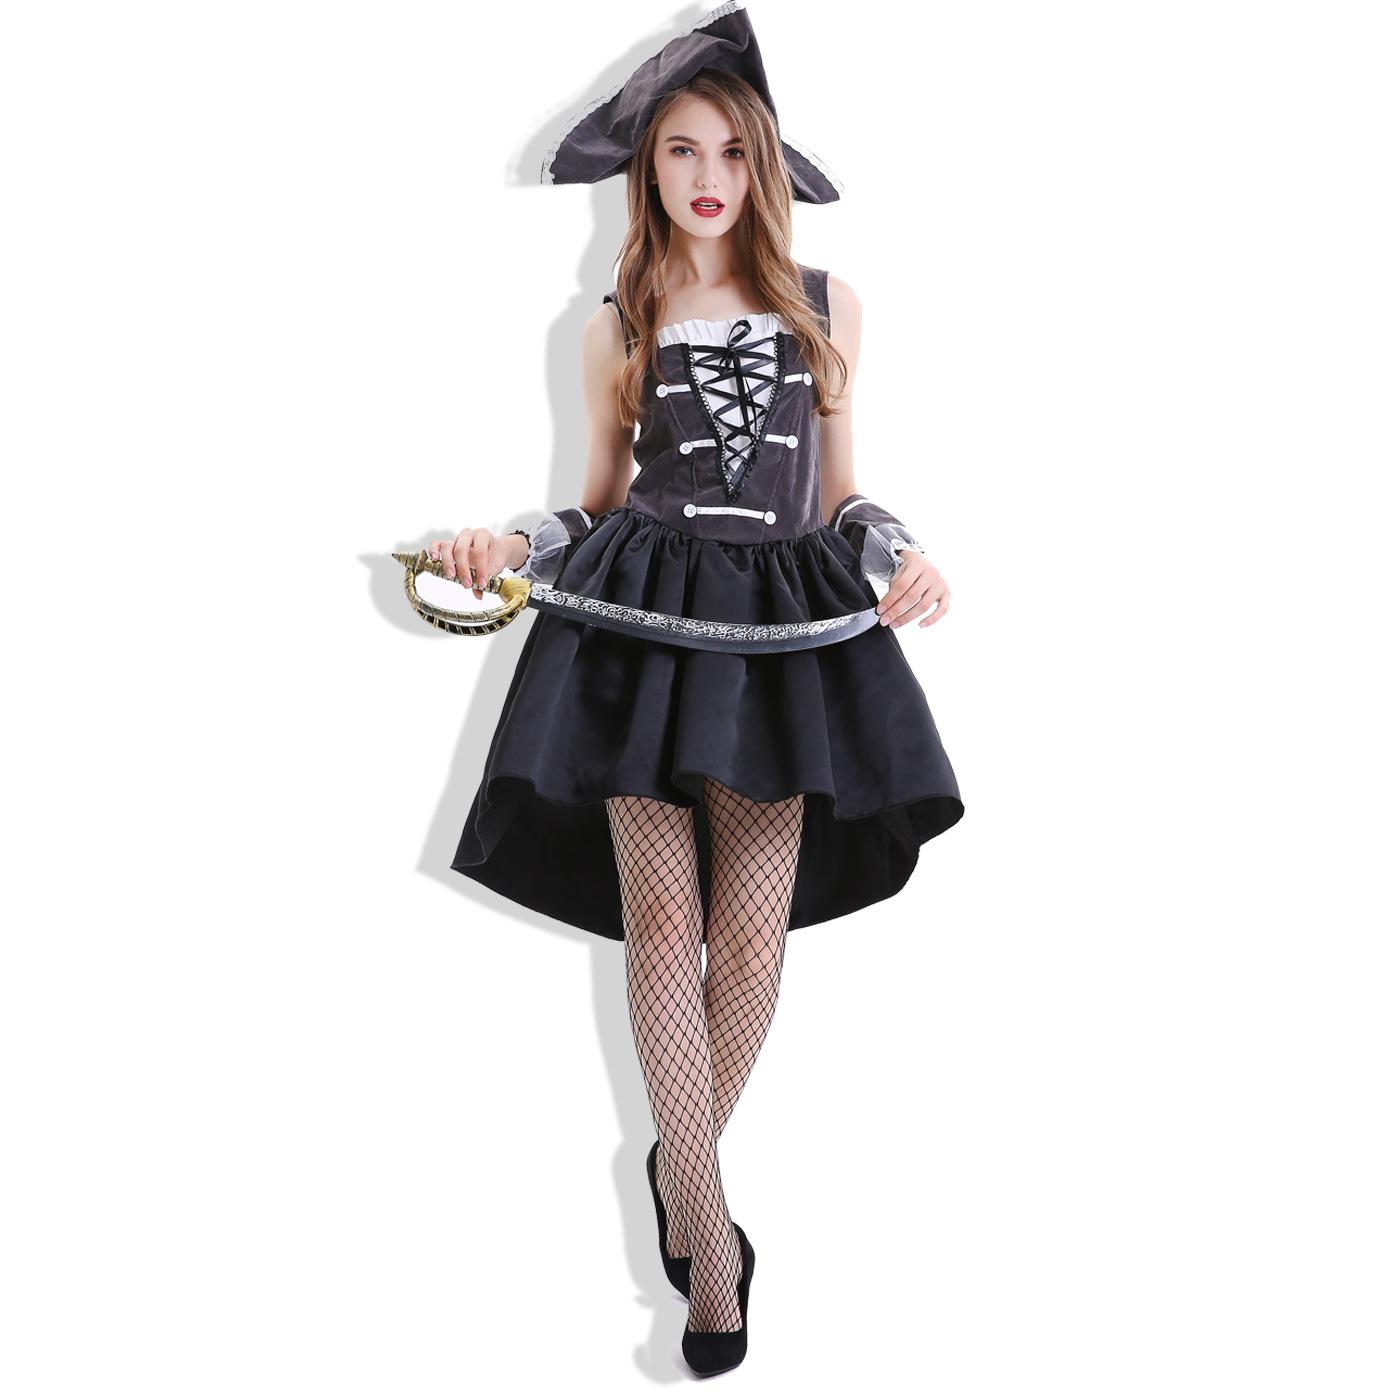 新しいハロウィンの海賊のスカートの服装の海賊の女性の船長の航海家の役はコスプレの水夫を演じます